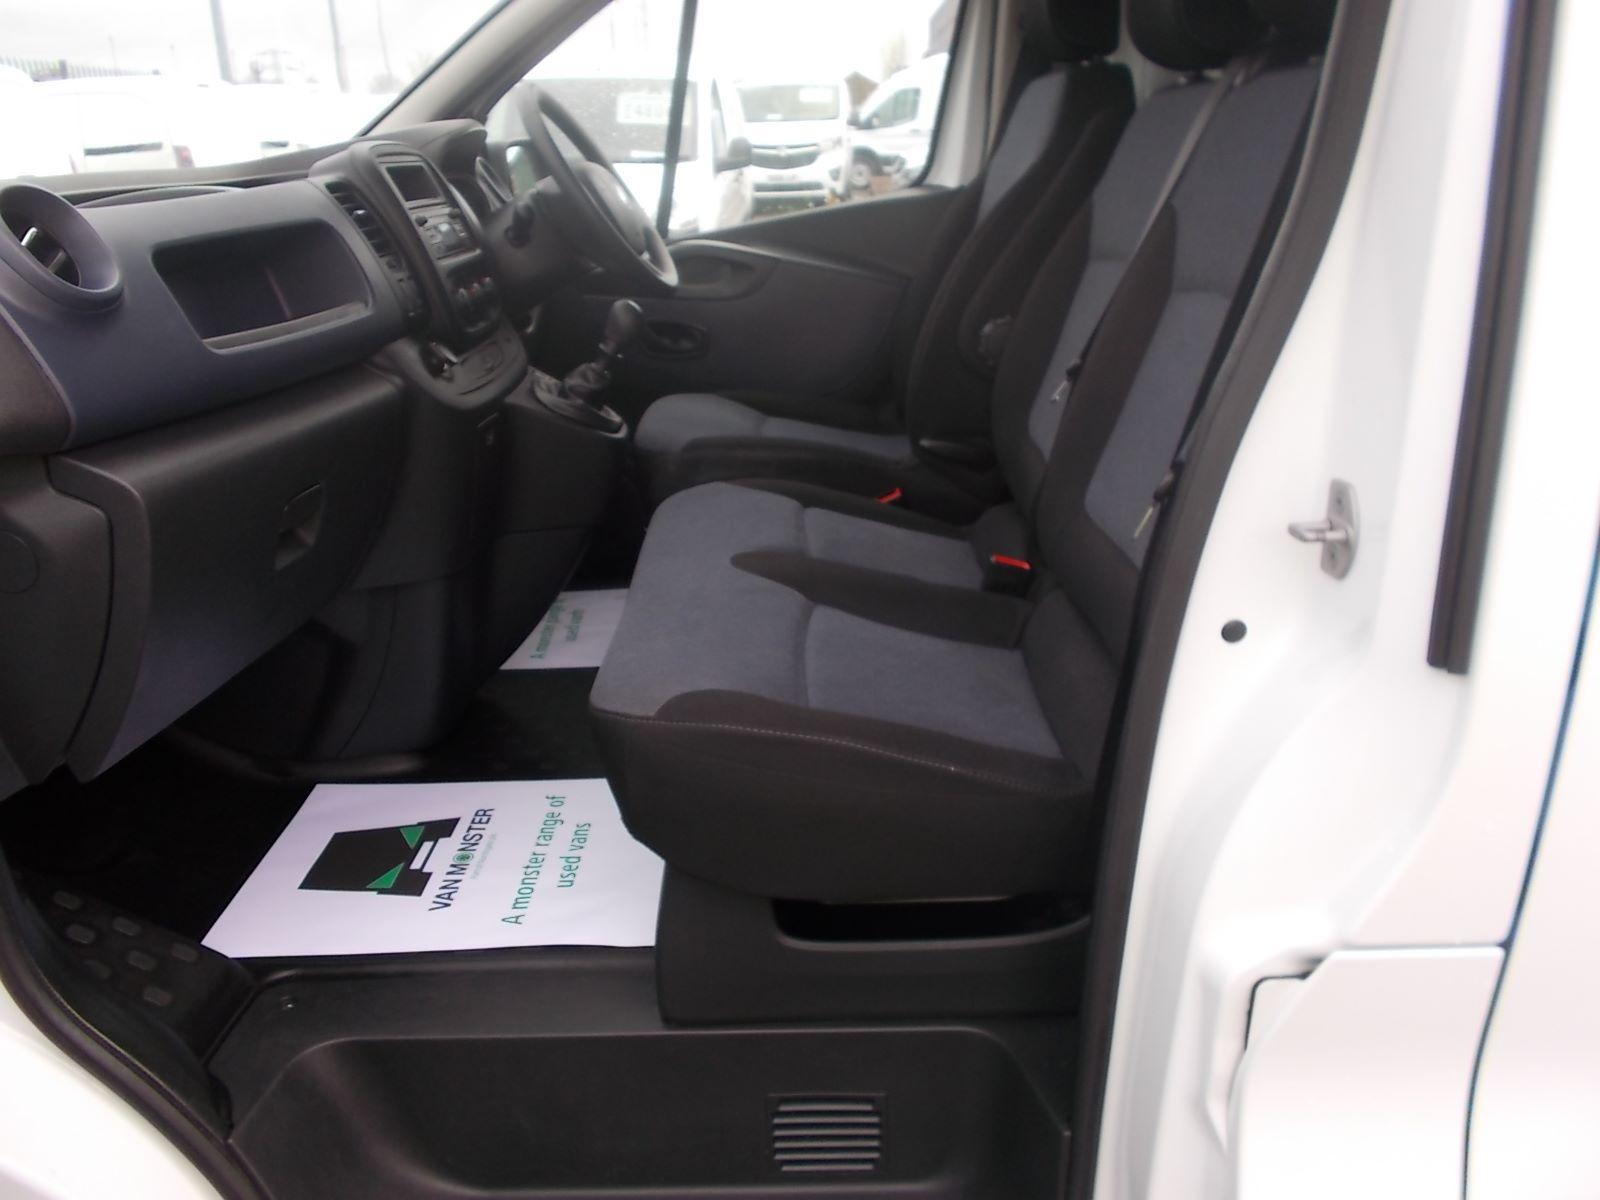 2017 Vauxhall Vivaro L2 H1 2900 1.6CDTI 120PS EURO 6 (DV17FNH) Image 12